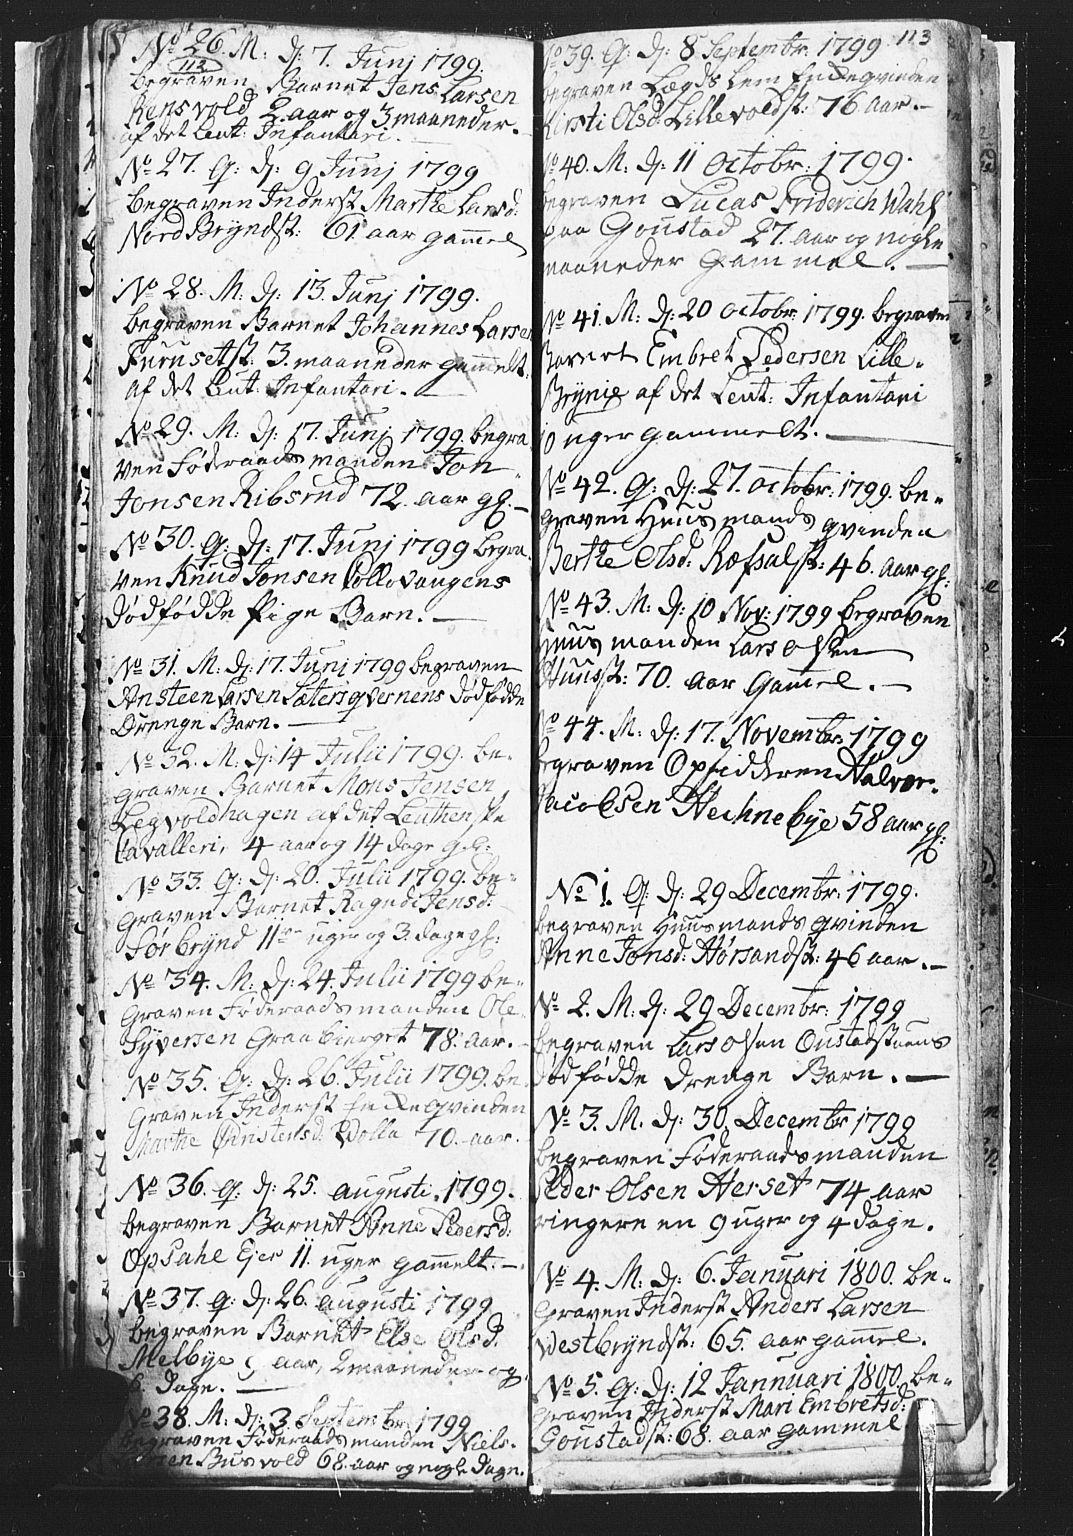 SAH, Romedal prestekontor, L/L0002: Klokkerbok nr. 2, 1795-1800, s. 112-113